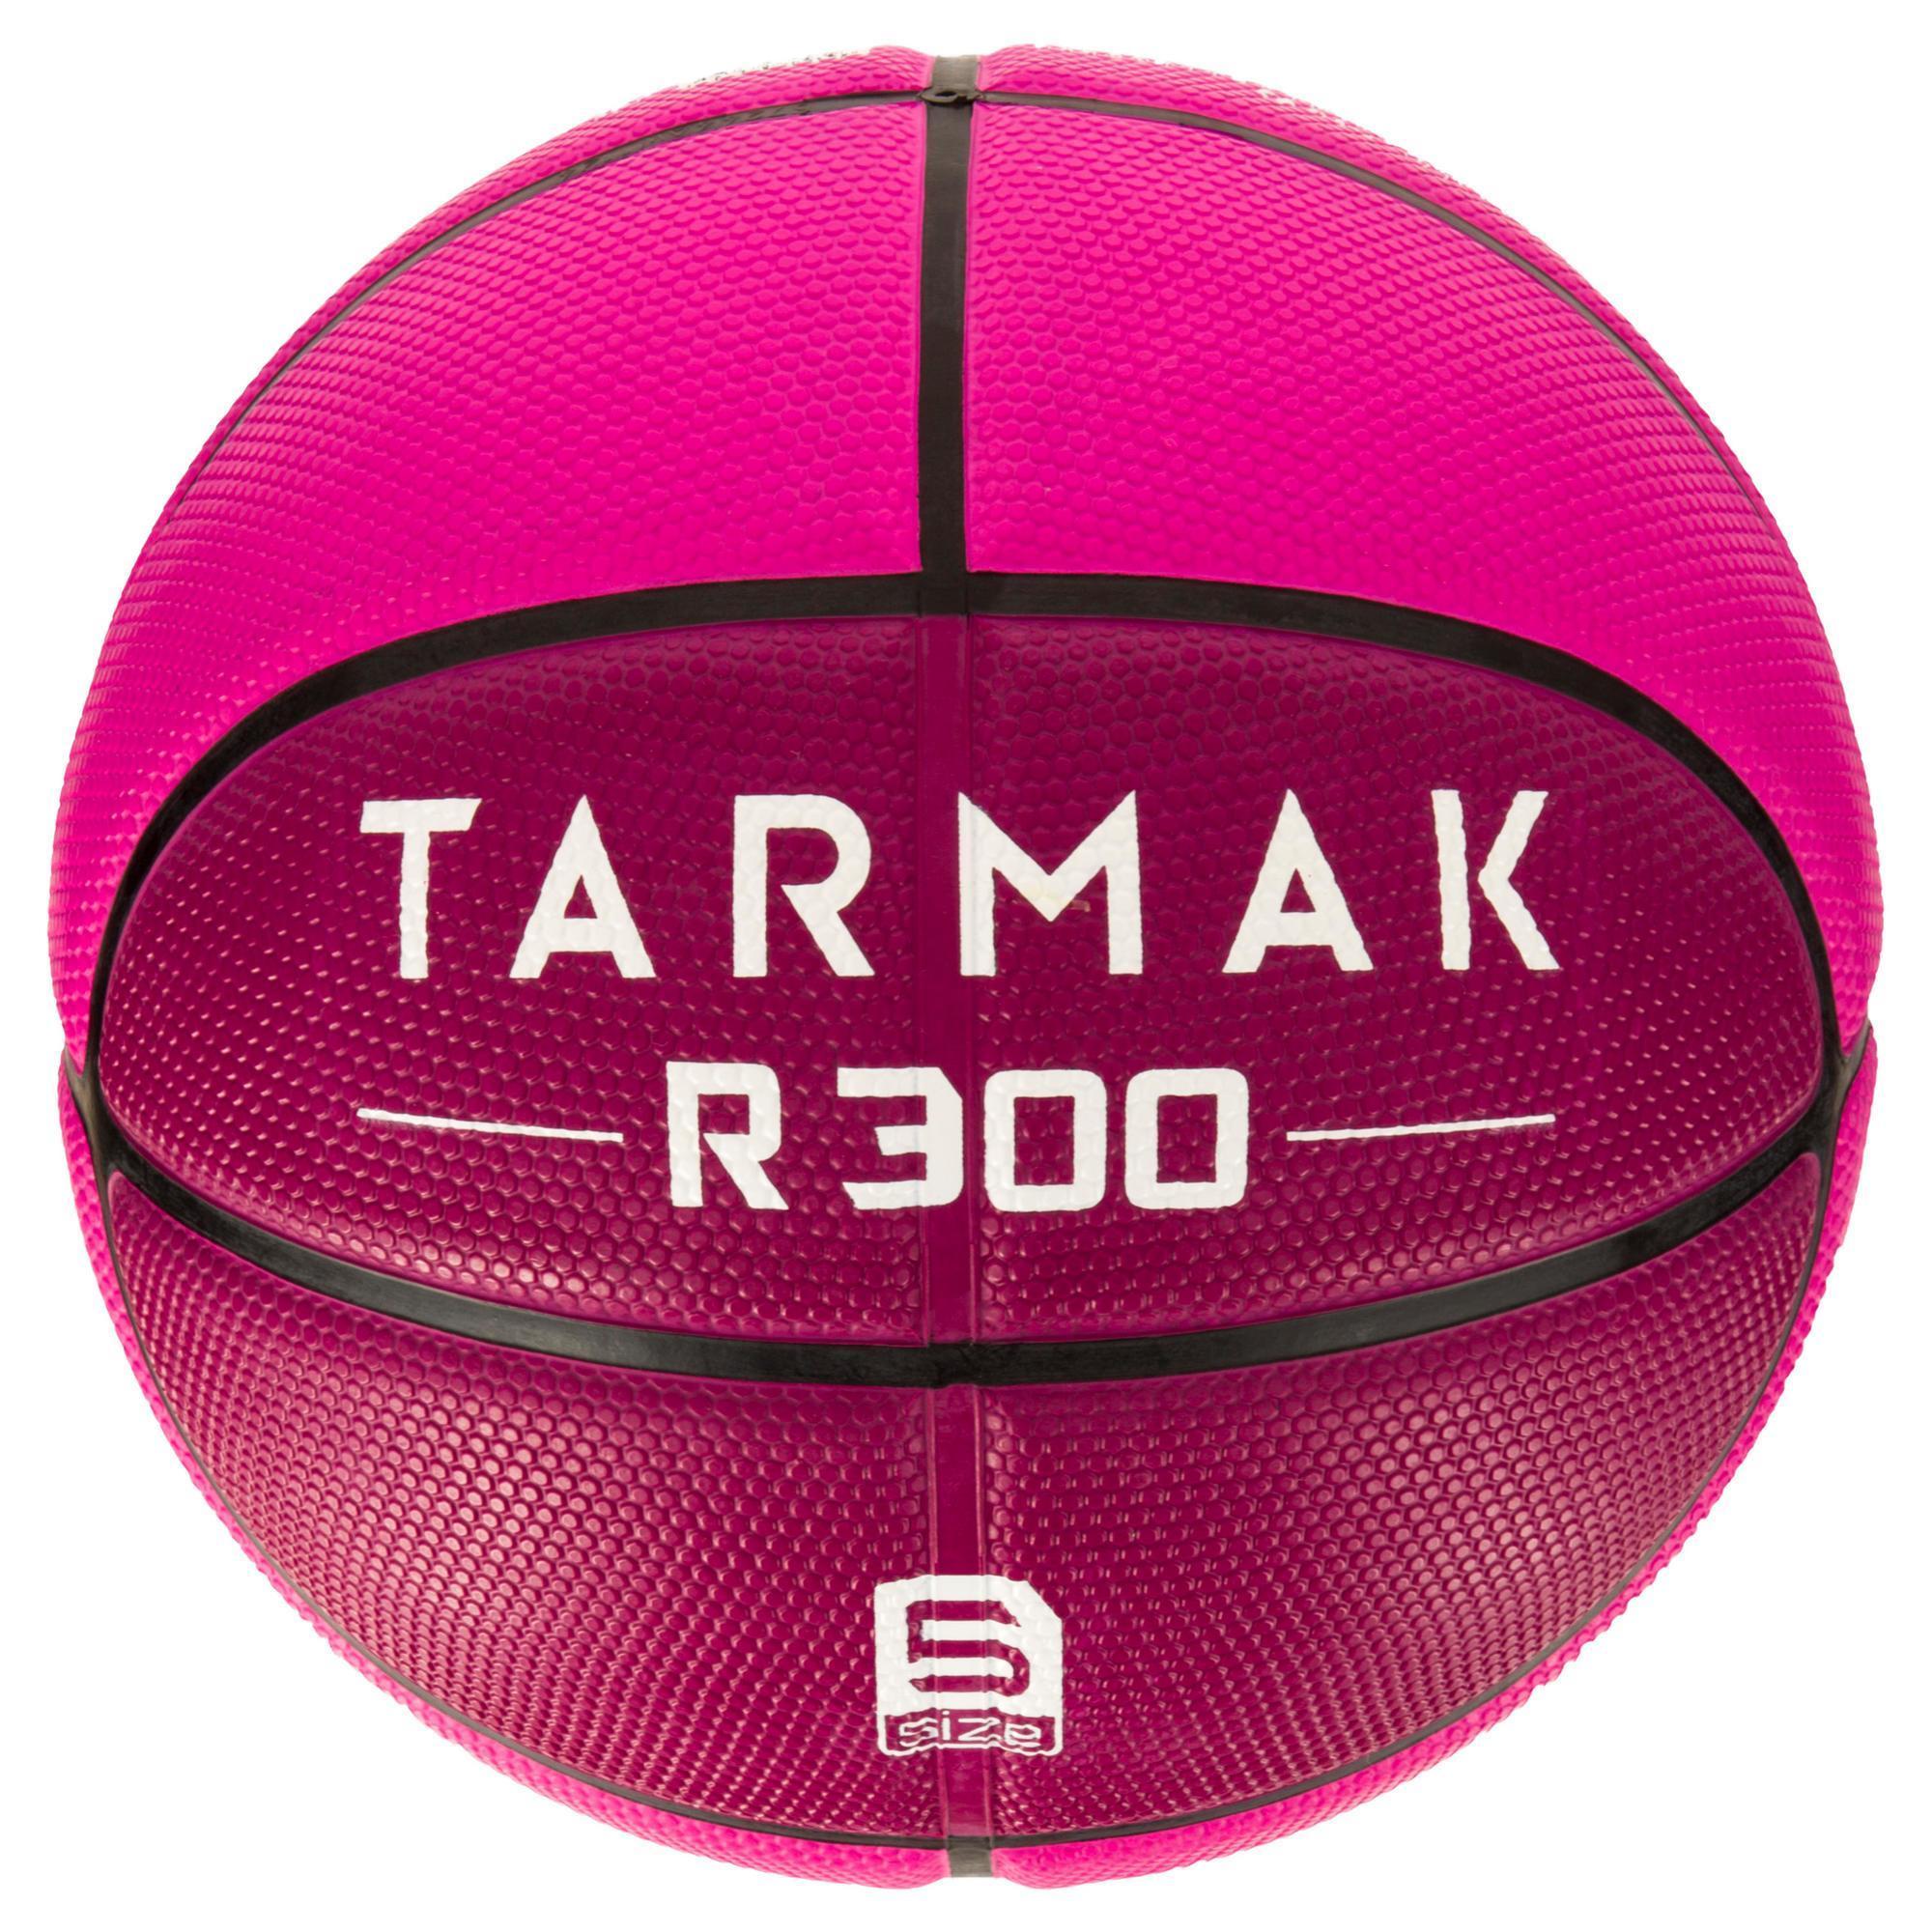 Tarmak Basketbal R300 (maat 5)